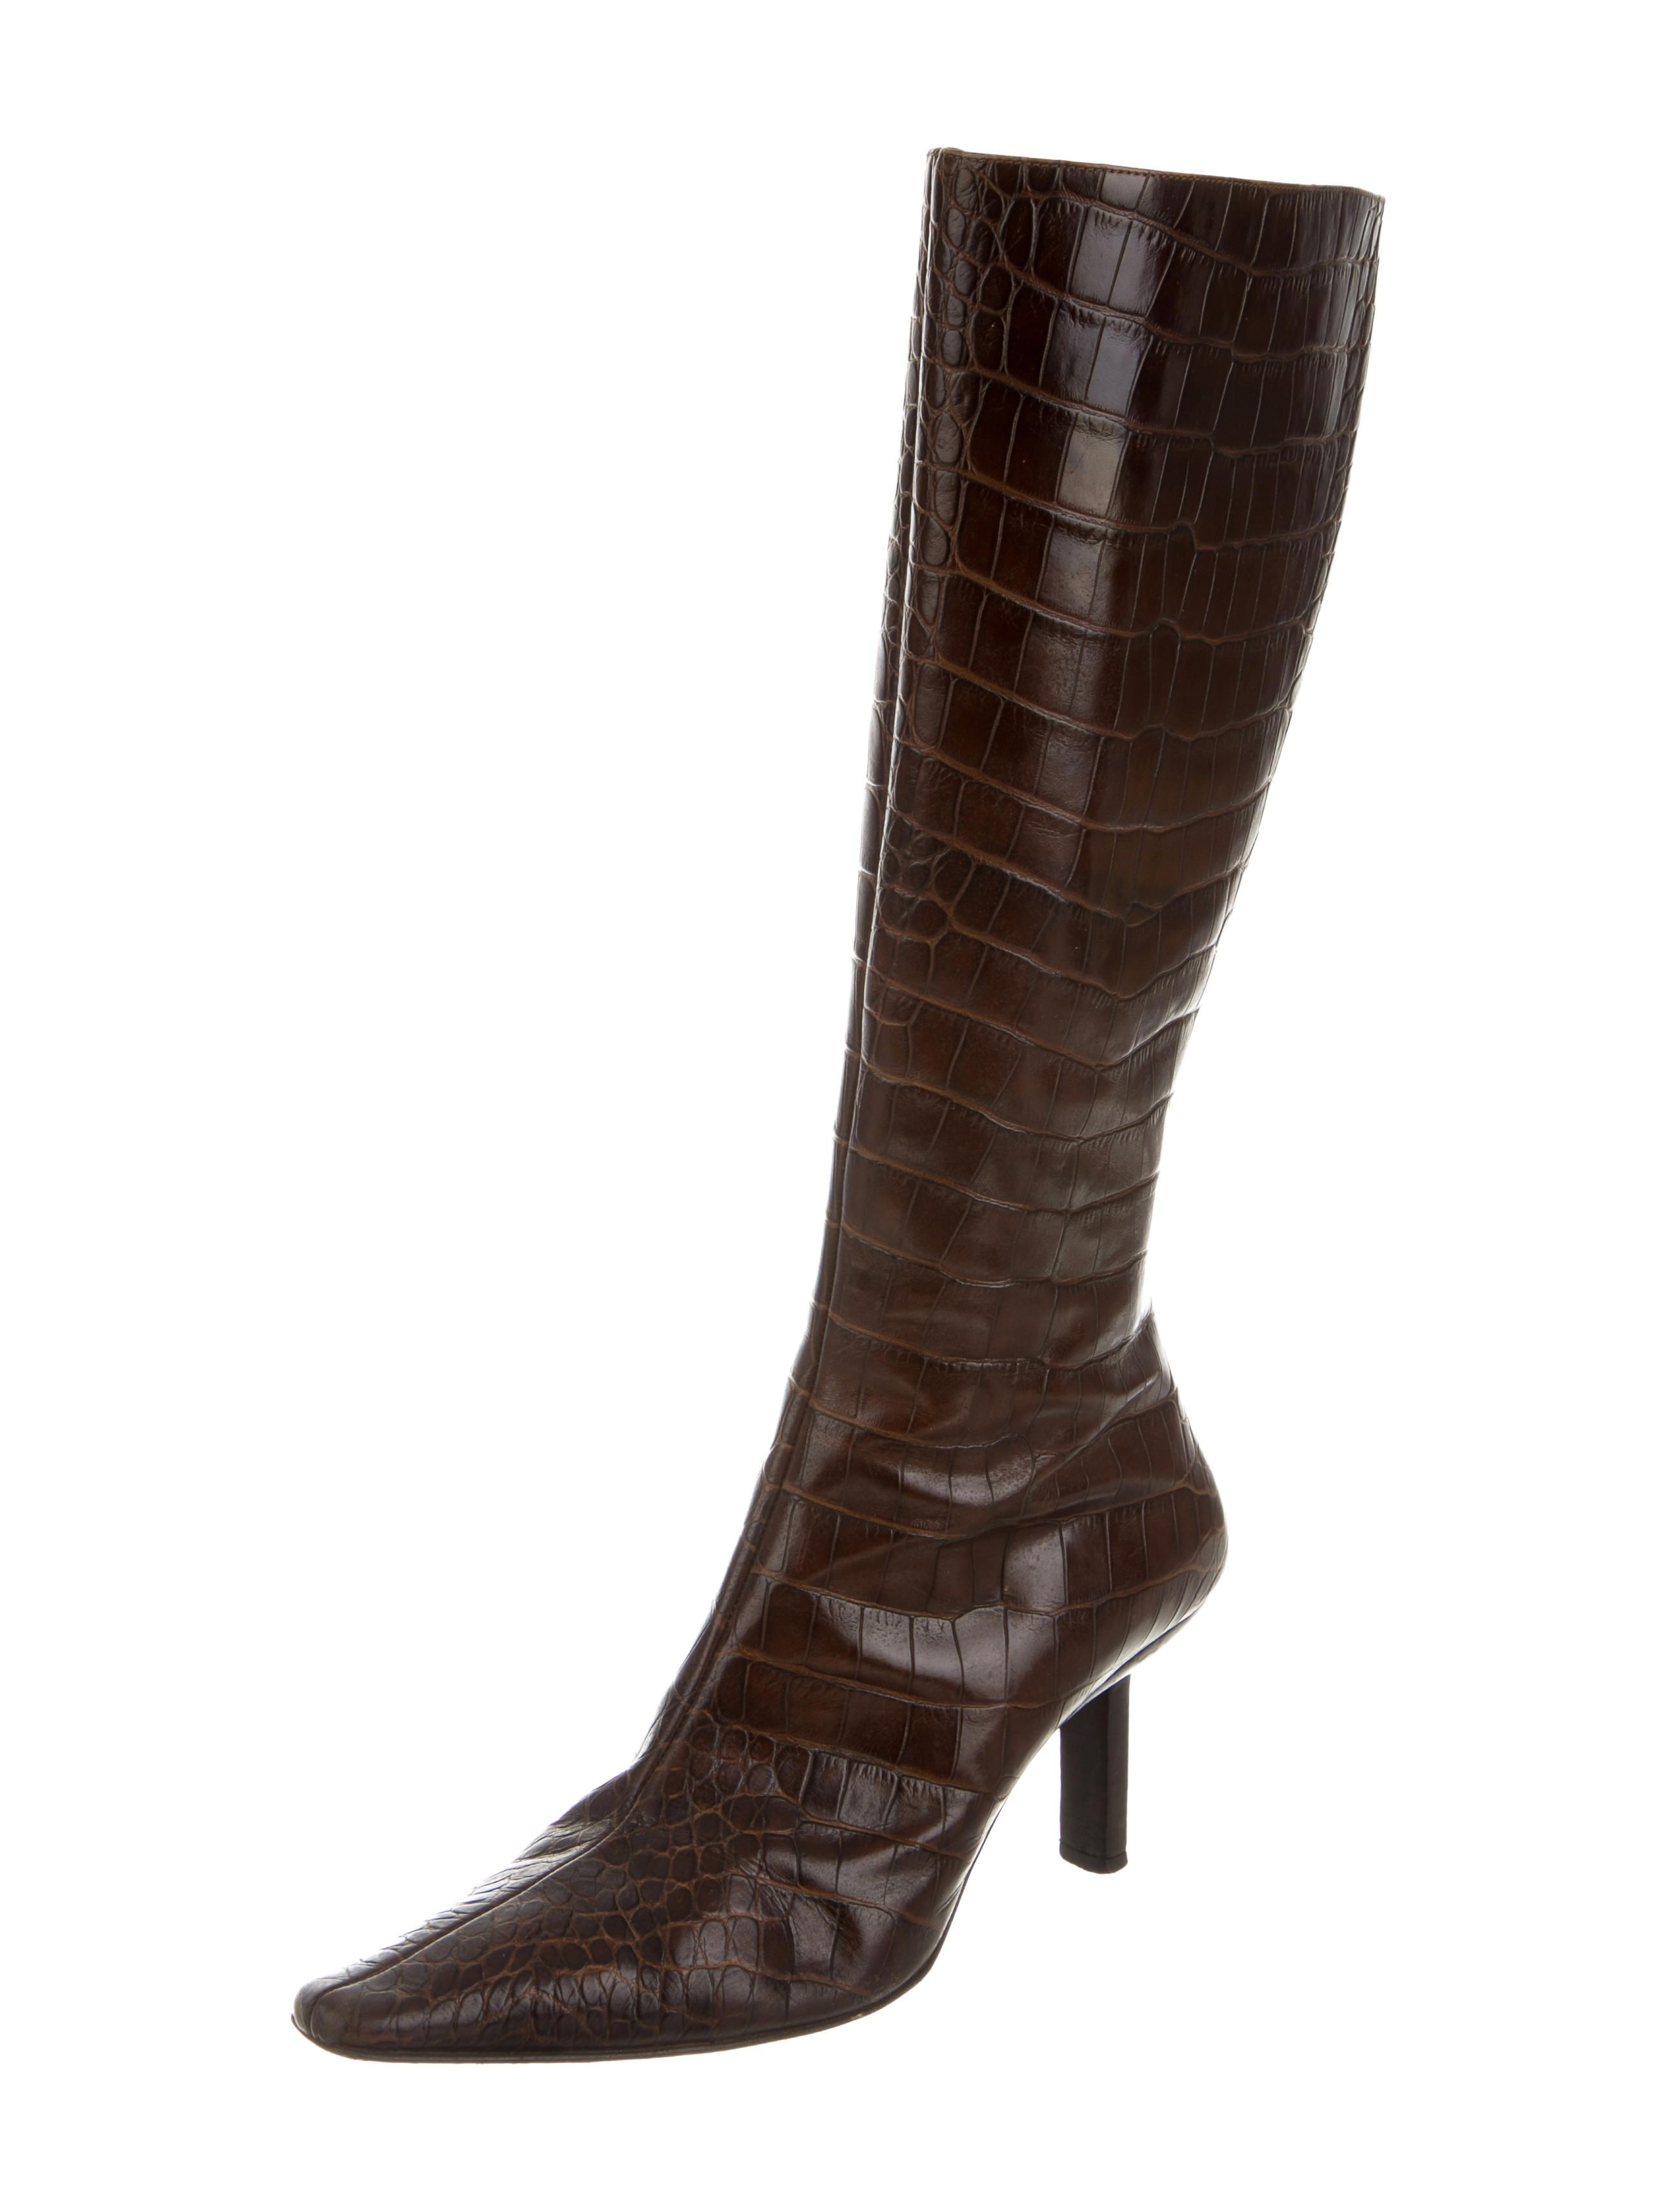 Bruno Magli Crocodile Knee-High Boots